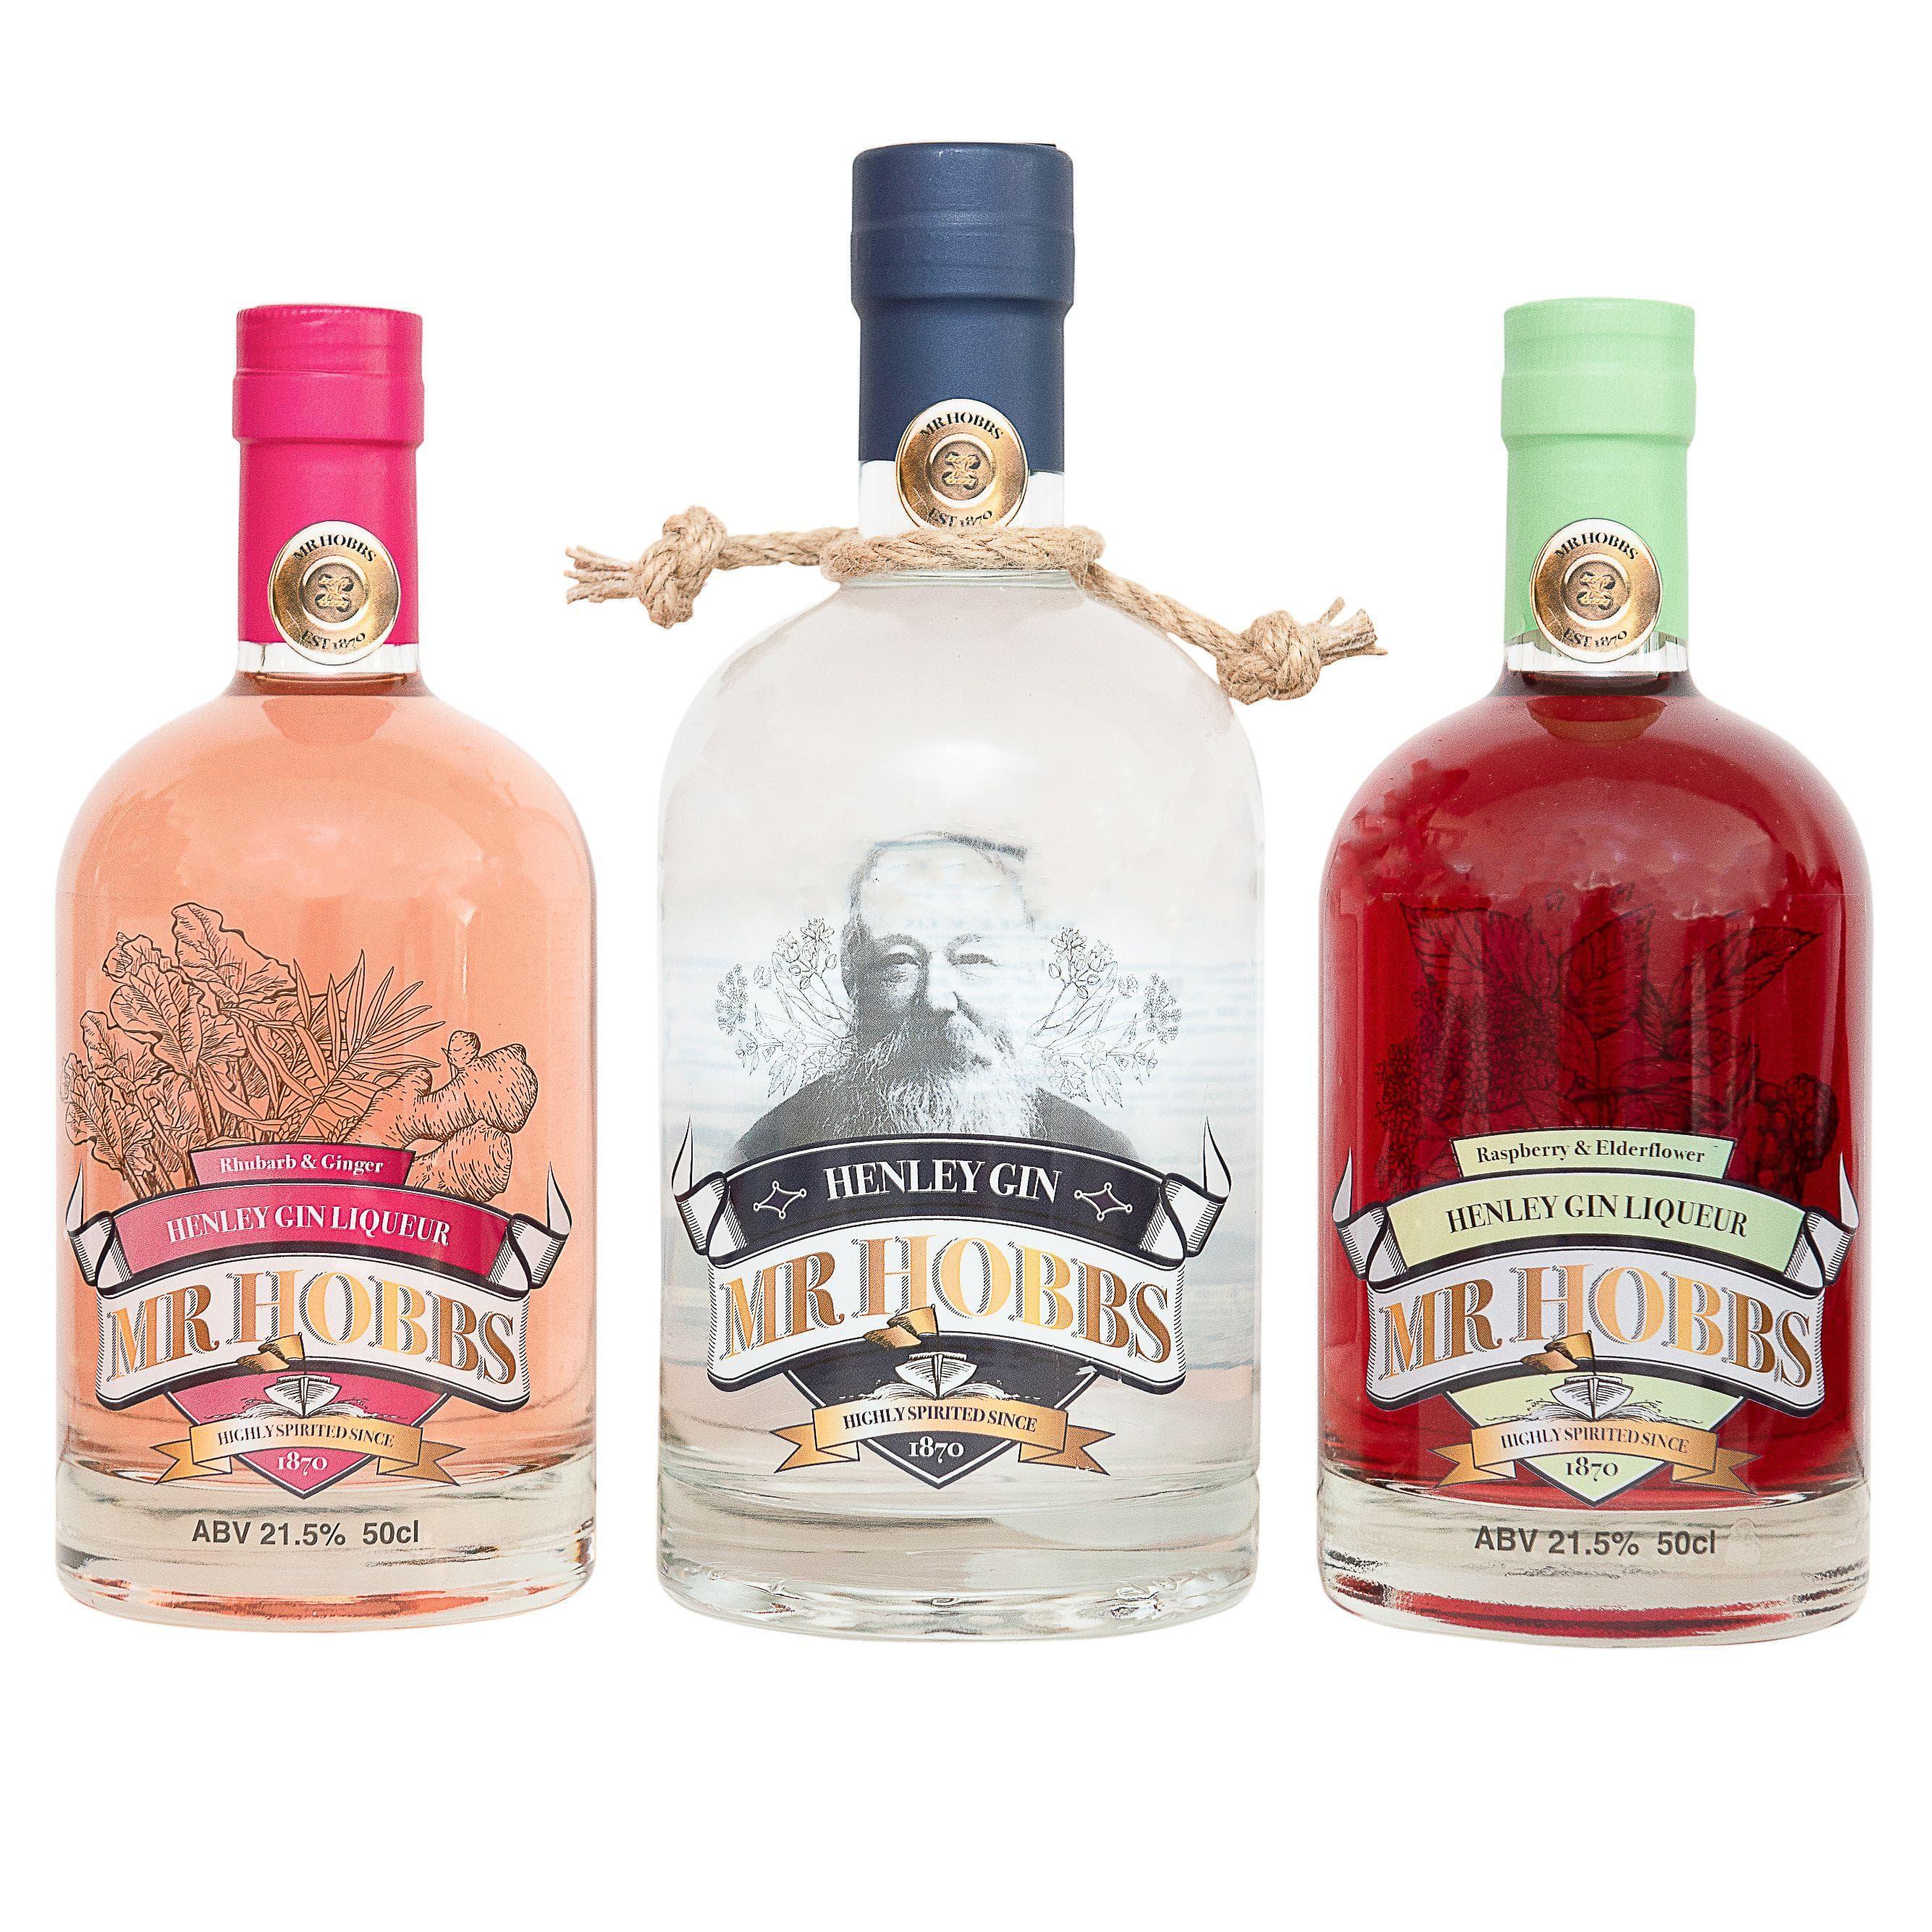 Mr Hobbs Gin on Random Best Gin Brands